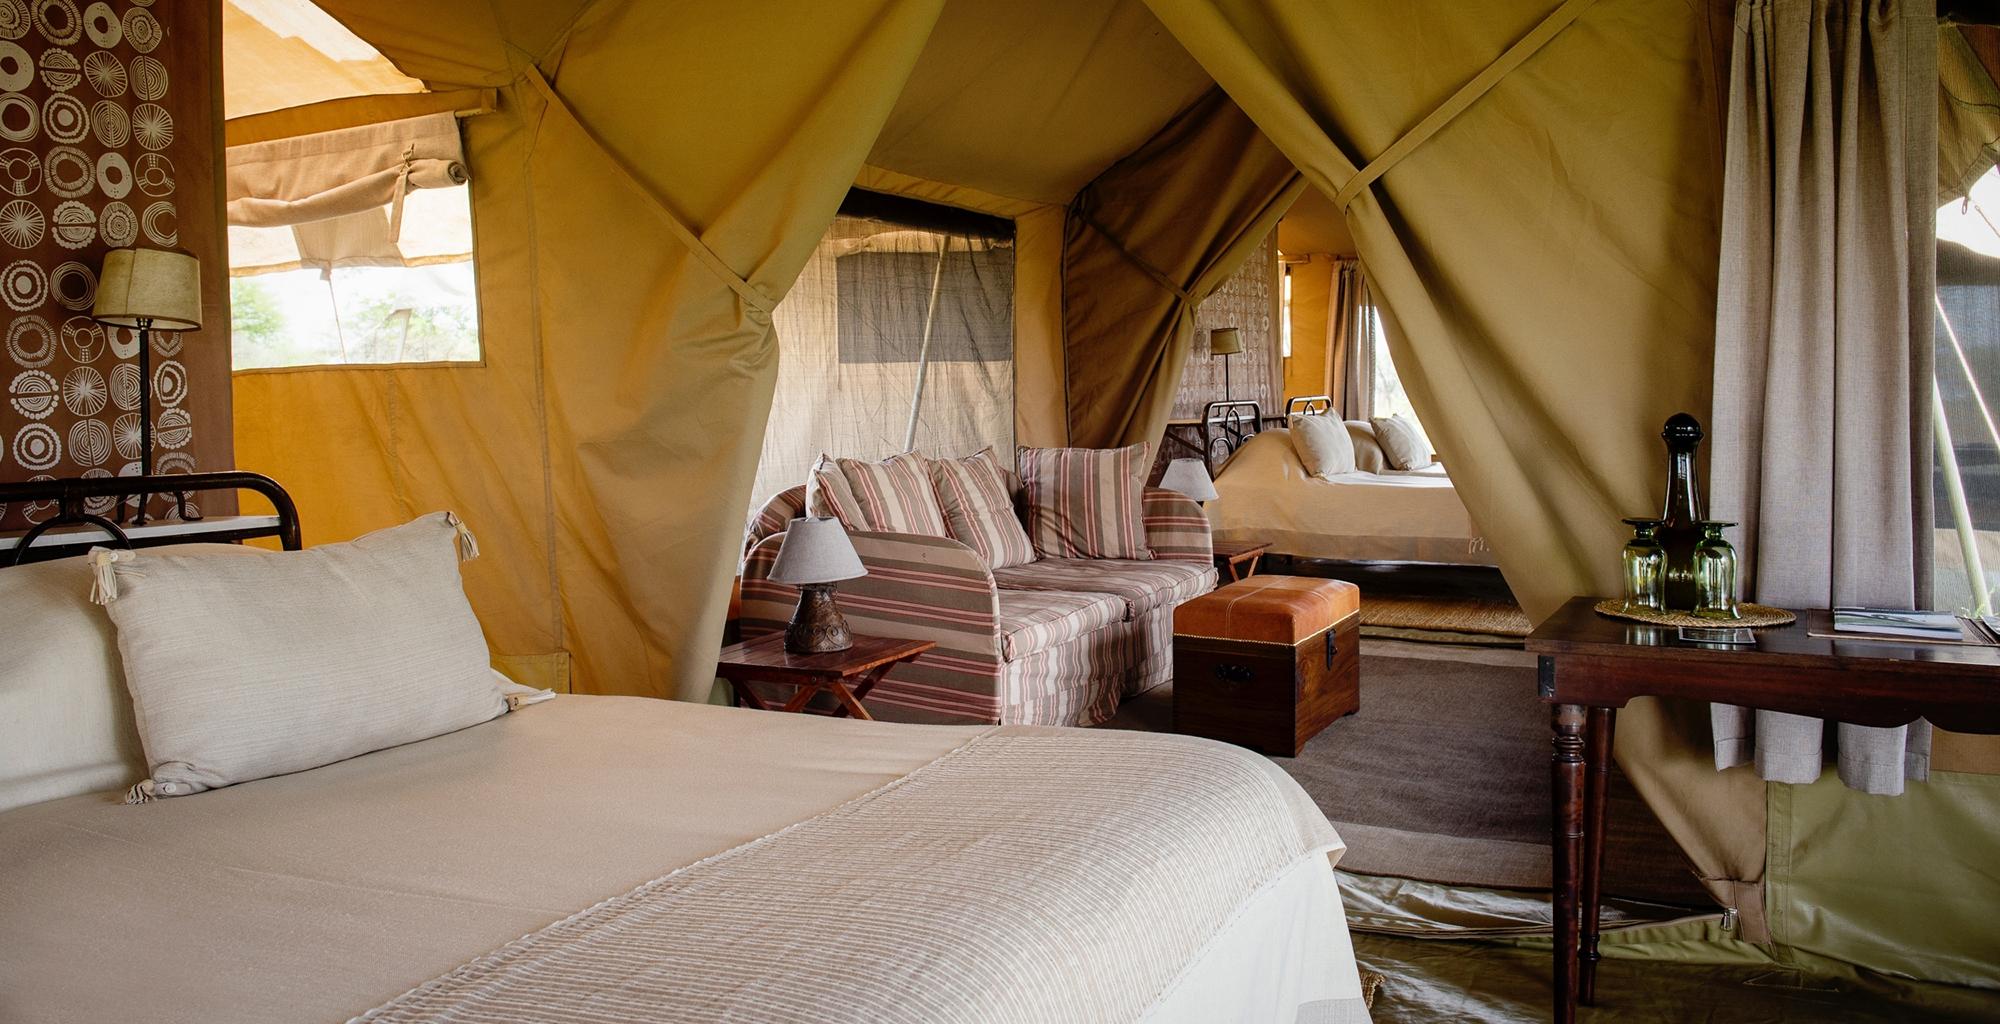 Tanzania-Serengeti-Safari-Camp-Family-Tent